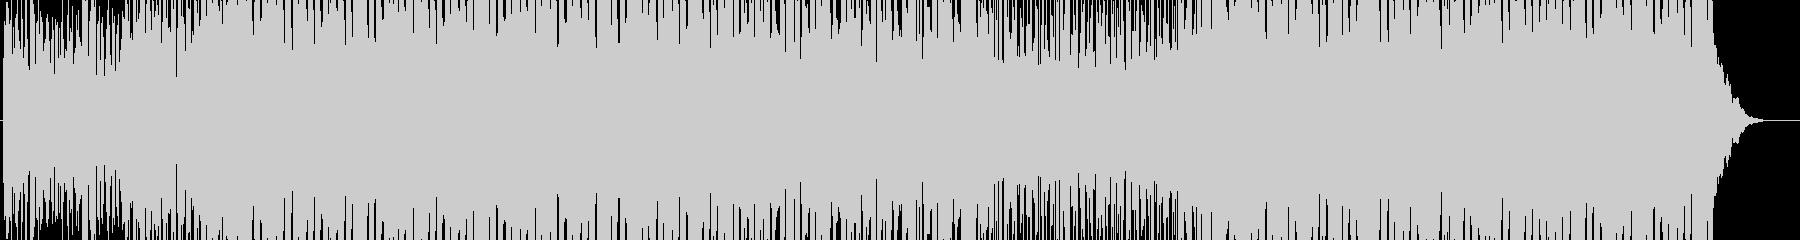 浮遊感あるメロのテクノの未再生の波形